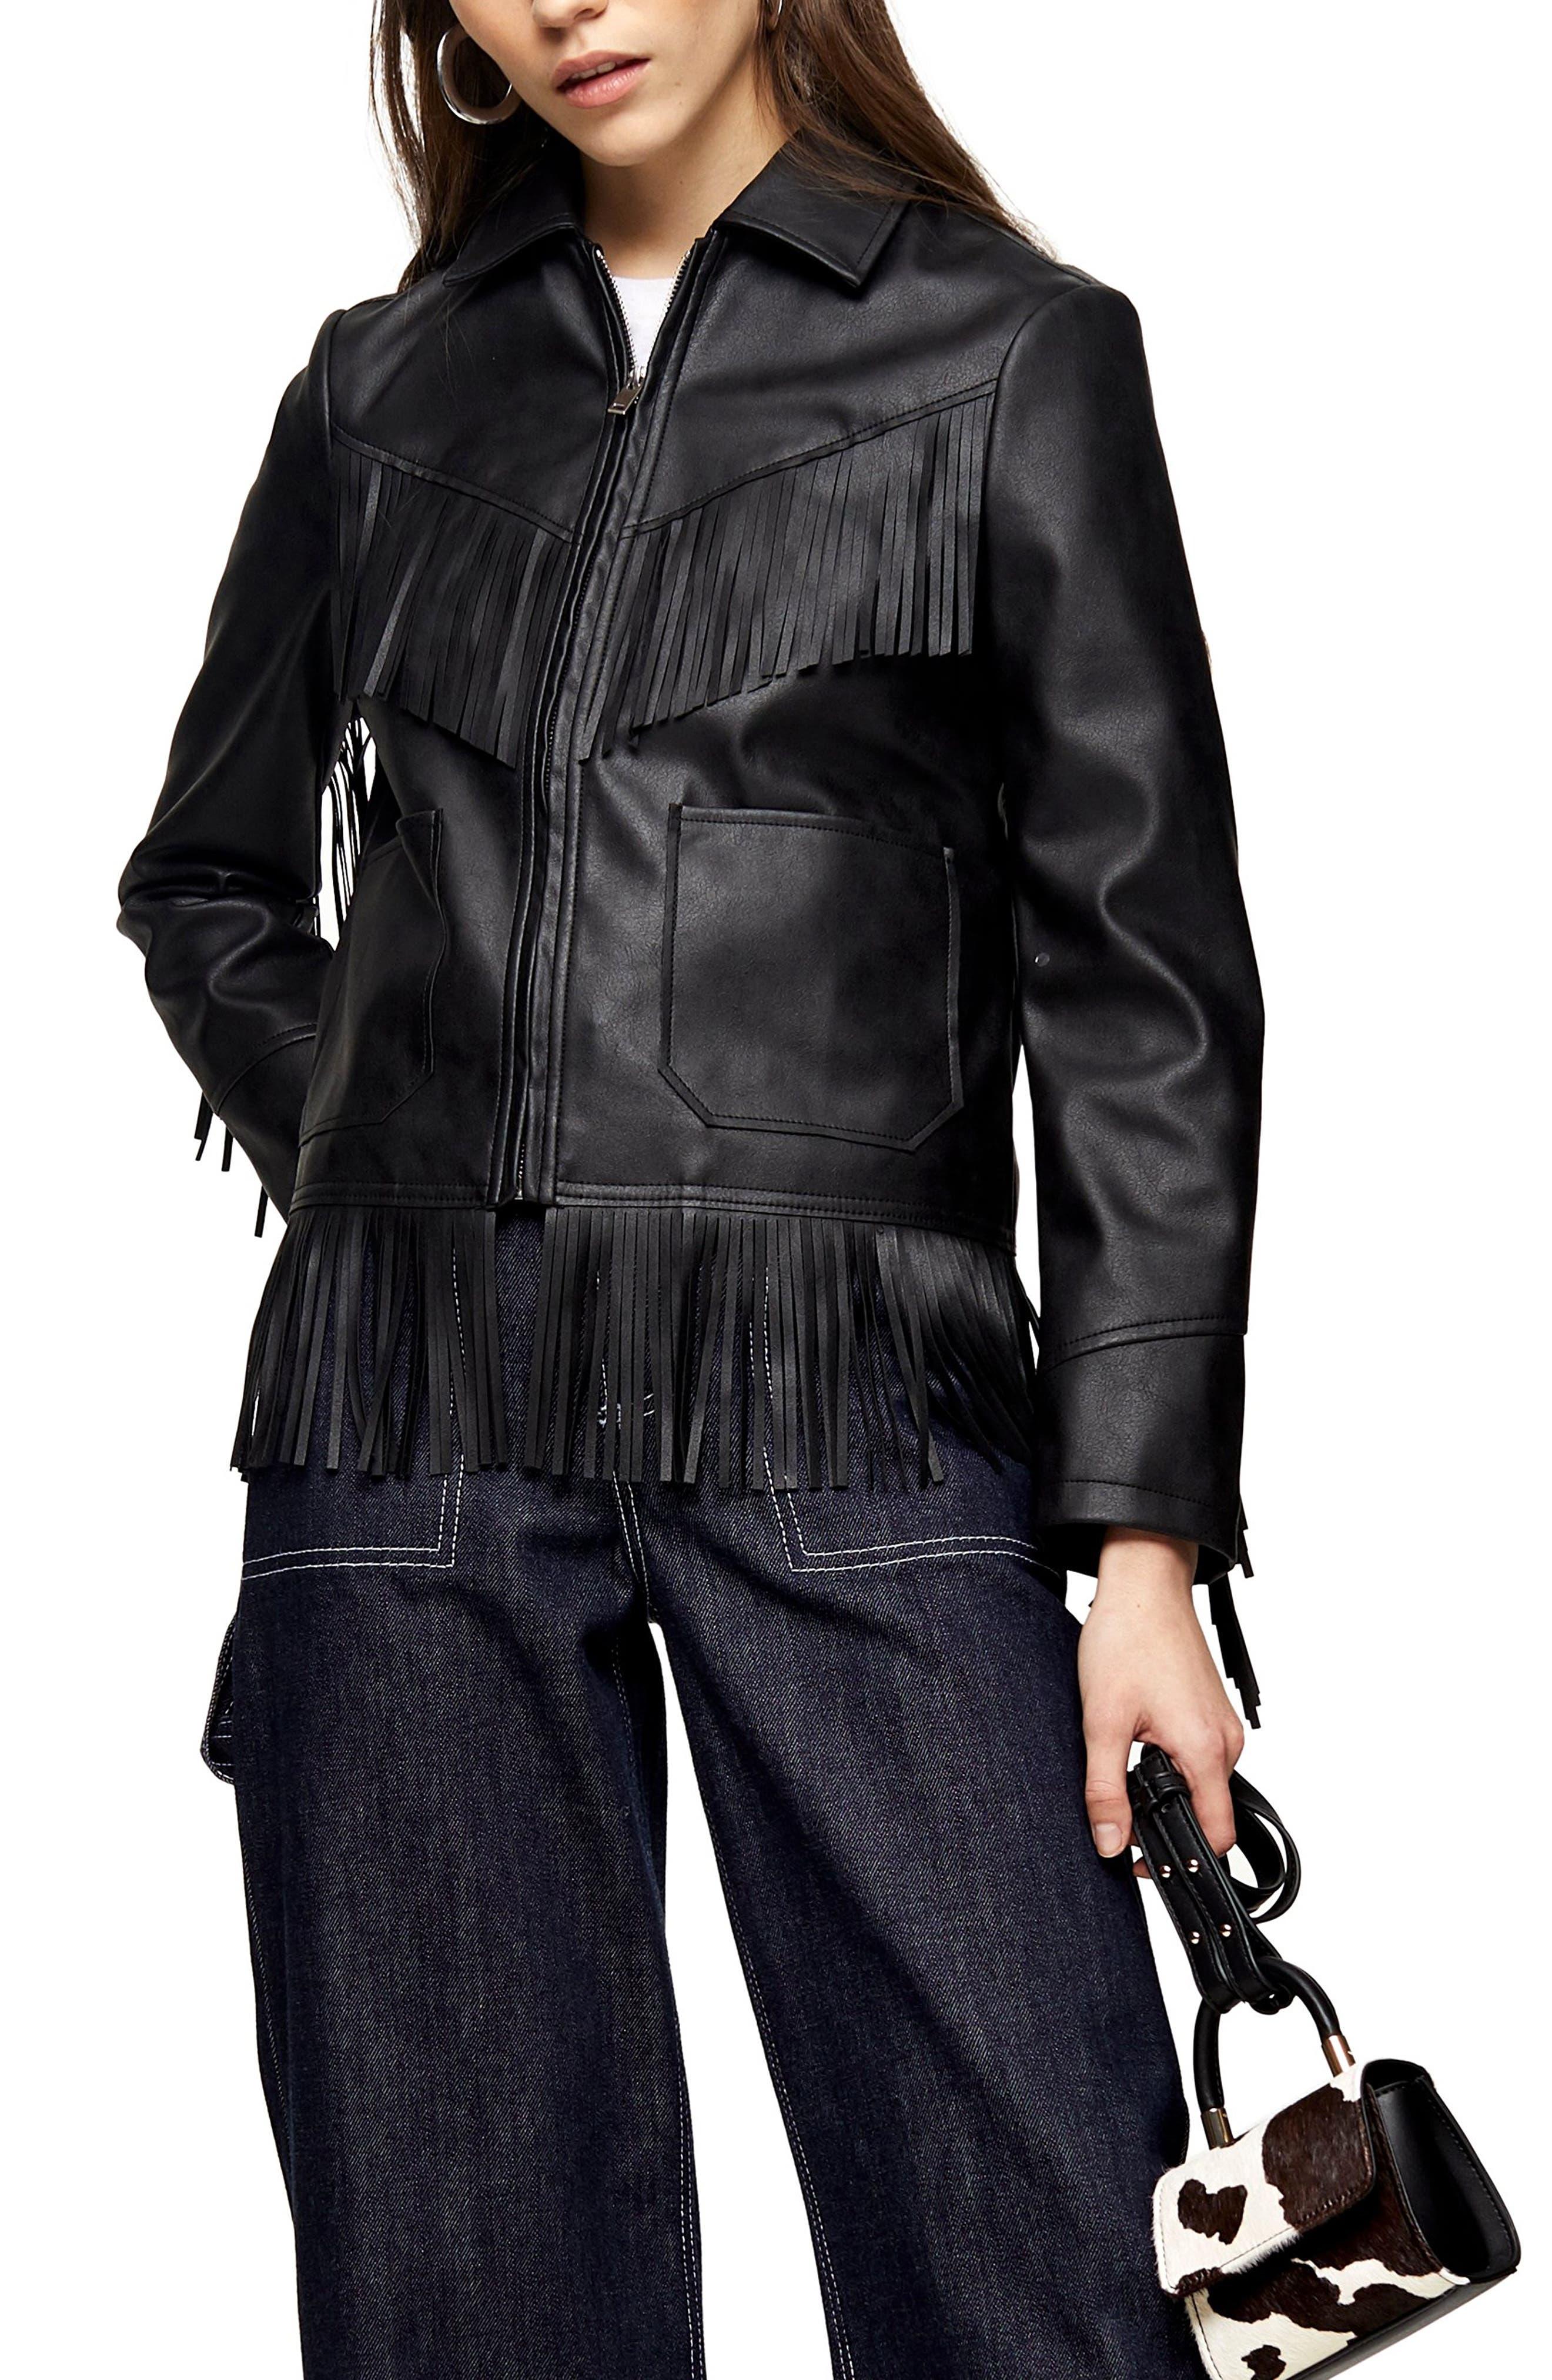 70s Jackets, Furs, Vests, Ponchos Womens Topshop Fringe Trim Faux Leather Jacket $110.00 AT vintagedancer.com